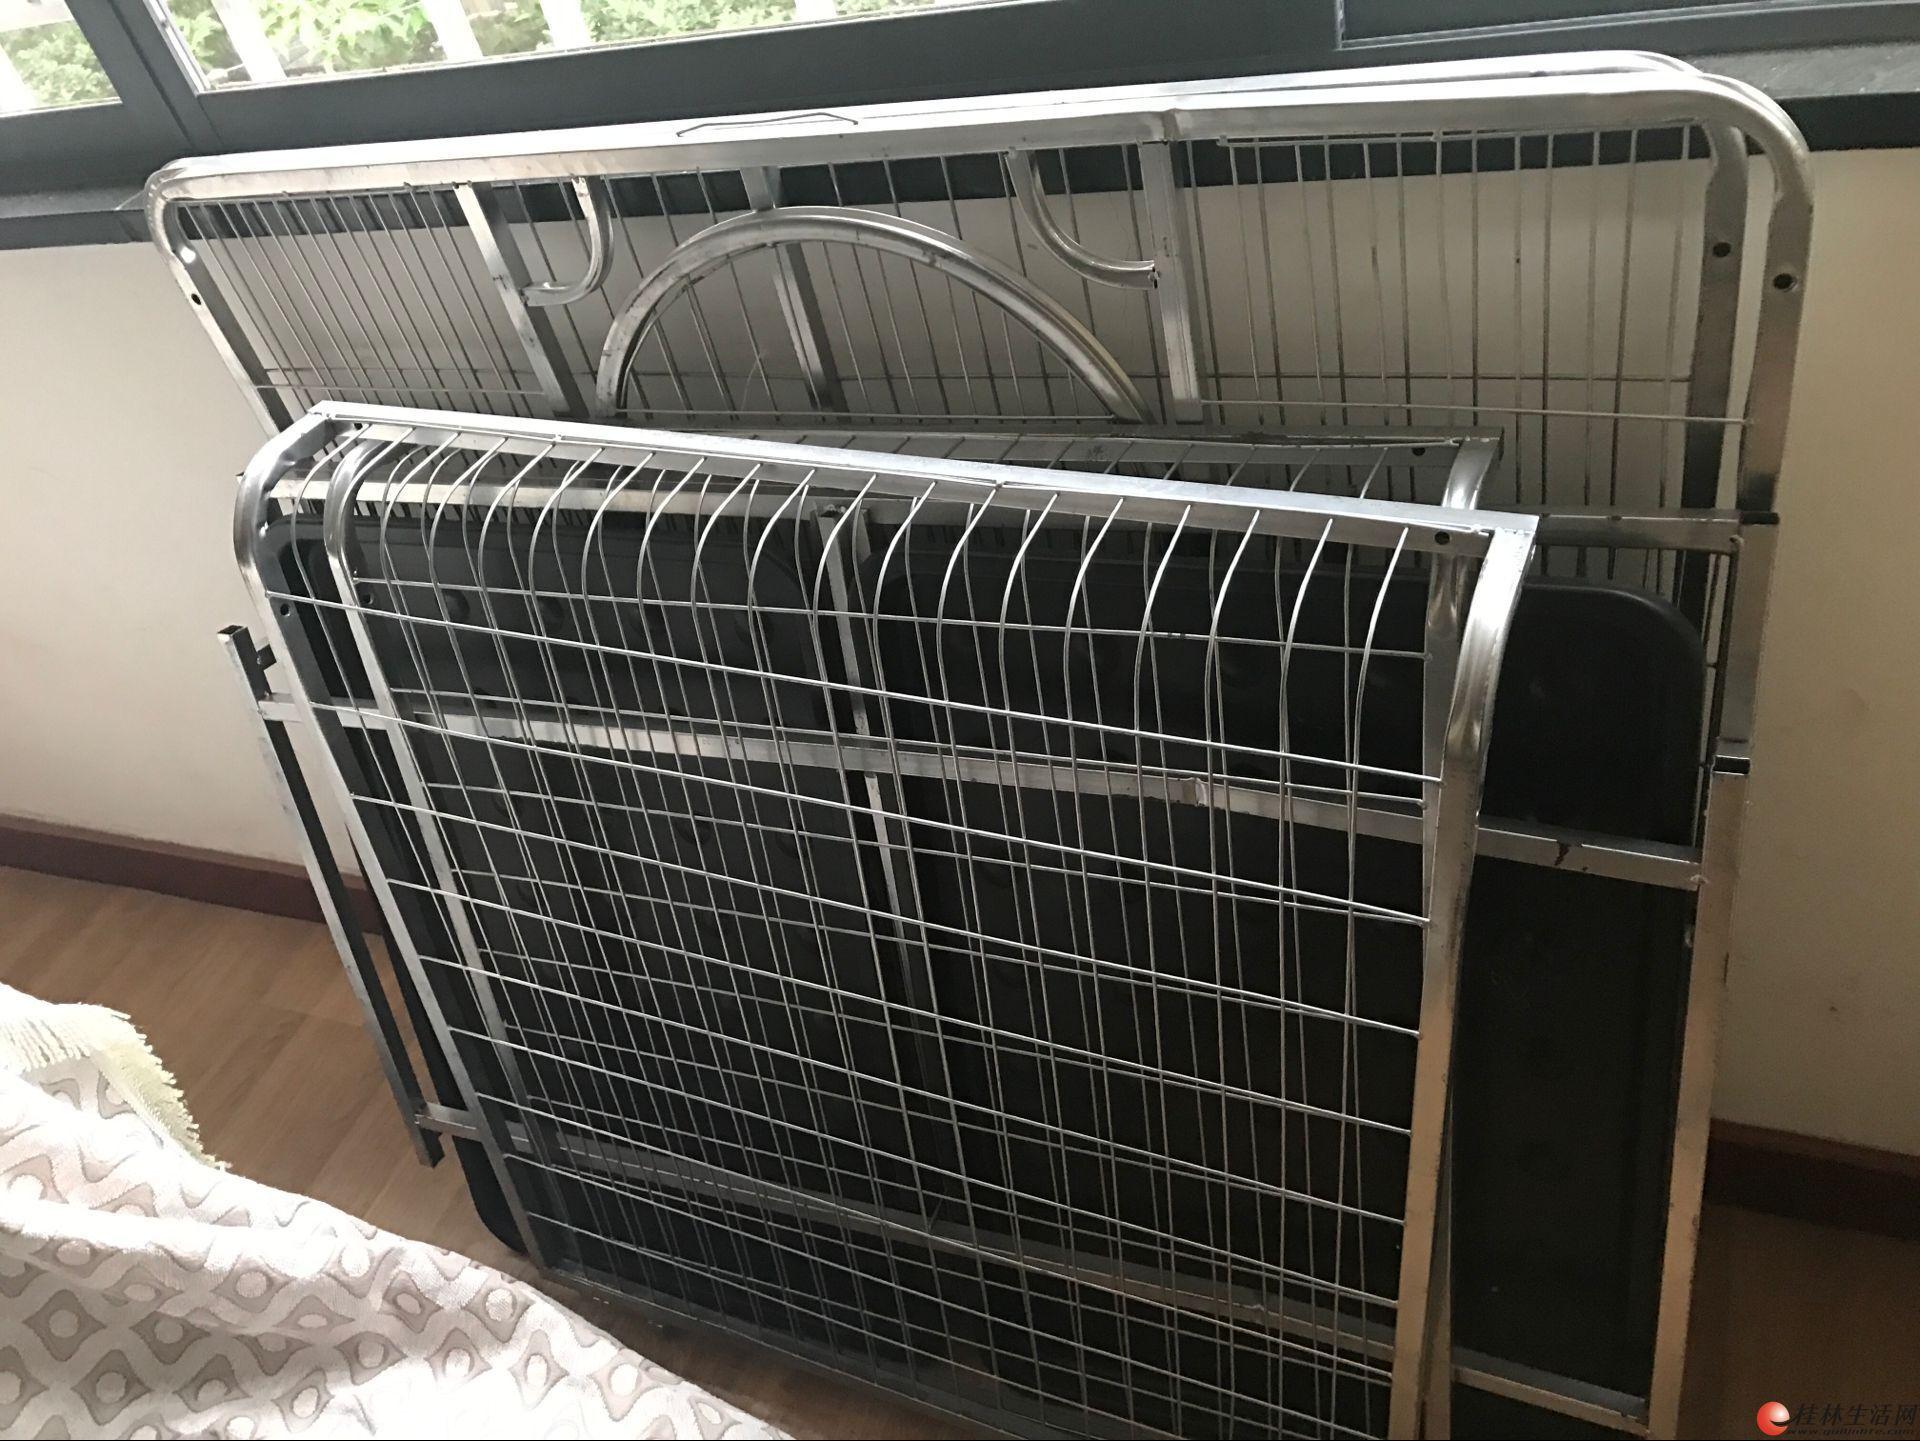 120x100x90不锈钢加强狗笼,买回来就装过一次!笼子养2条150斤阿拉斯加不是问题!